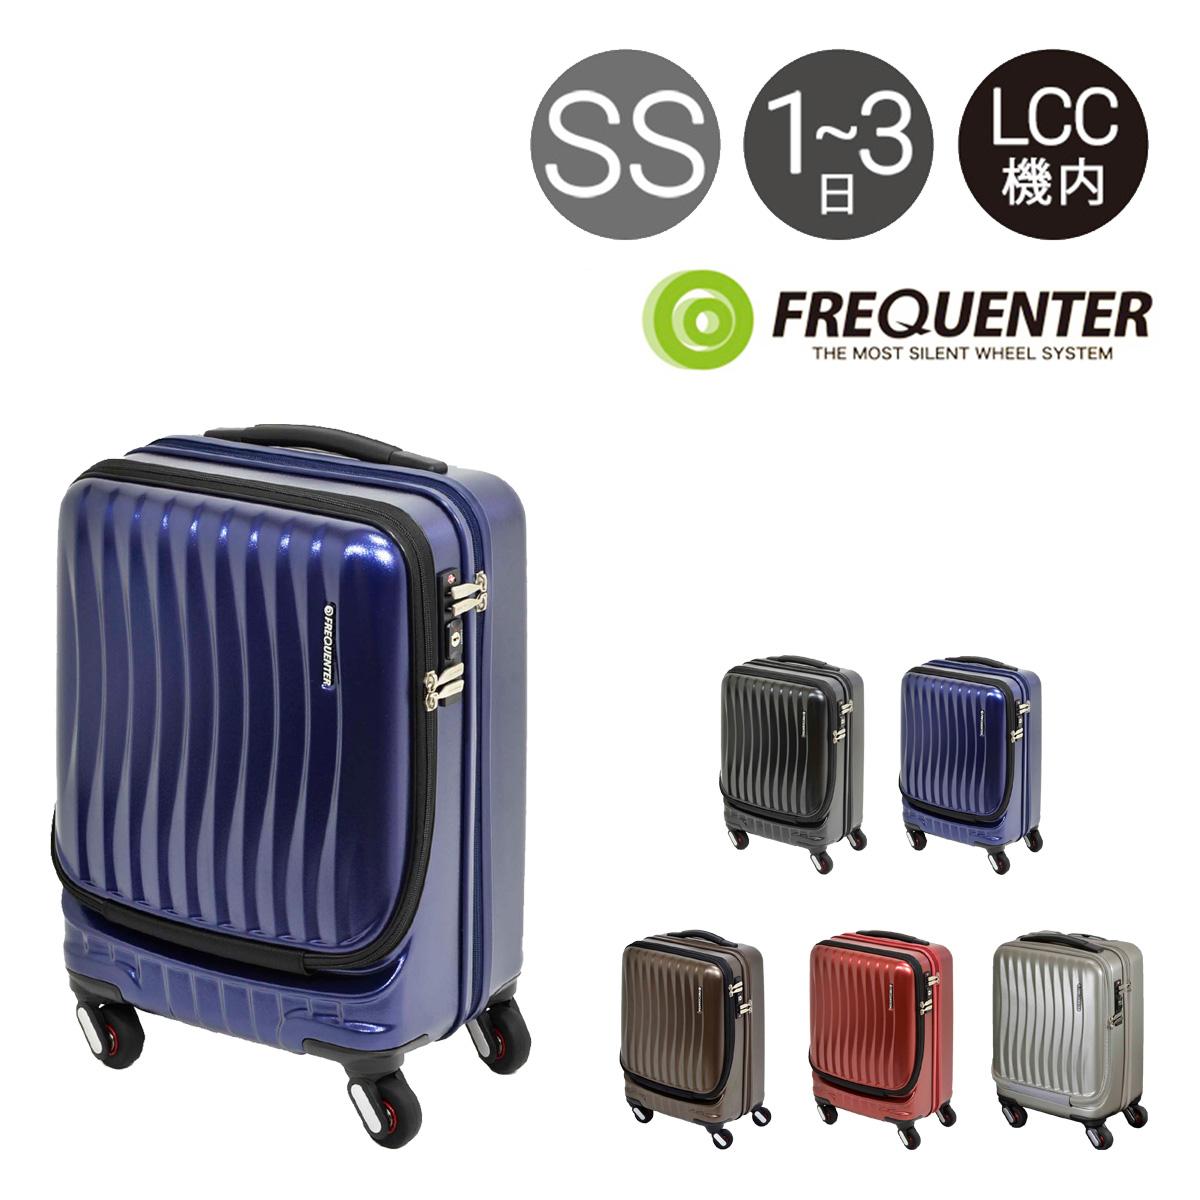 フリクエンター スーツケース 1-217 41cm CLAM クラム Advance アドヴァンス ストッパー付き フロントオープン LCC機内持ち込み可能 静音 軽量 キャリーケース キャリーバッグ FREQUENTER[bef]